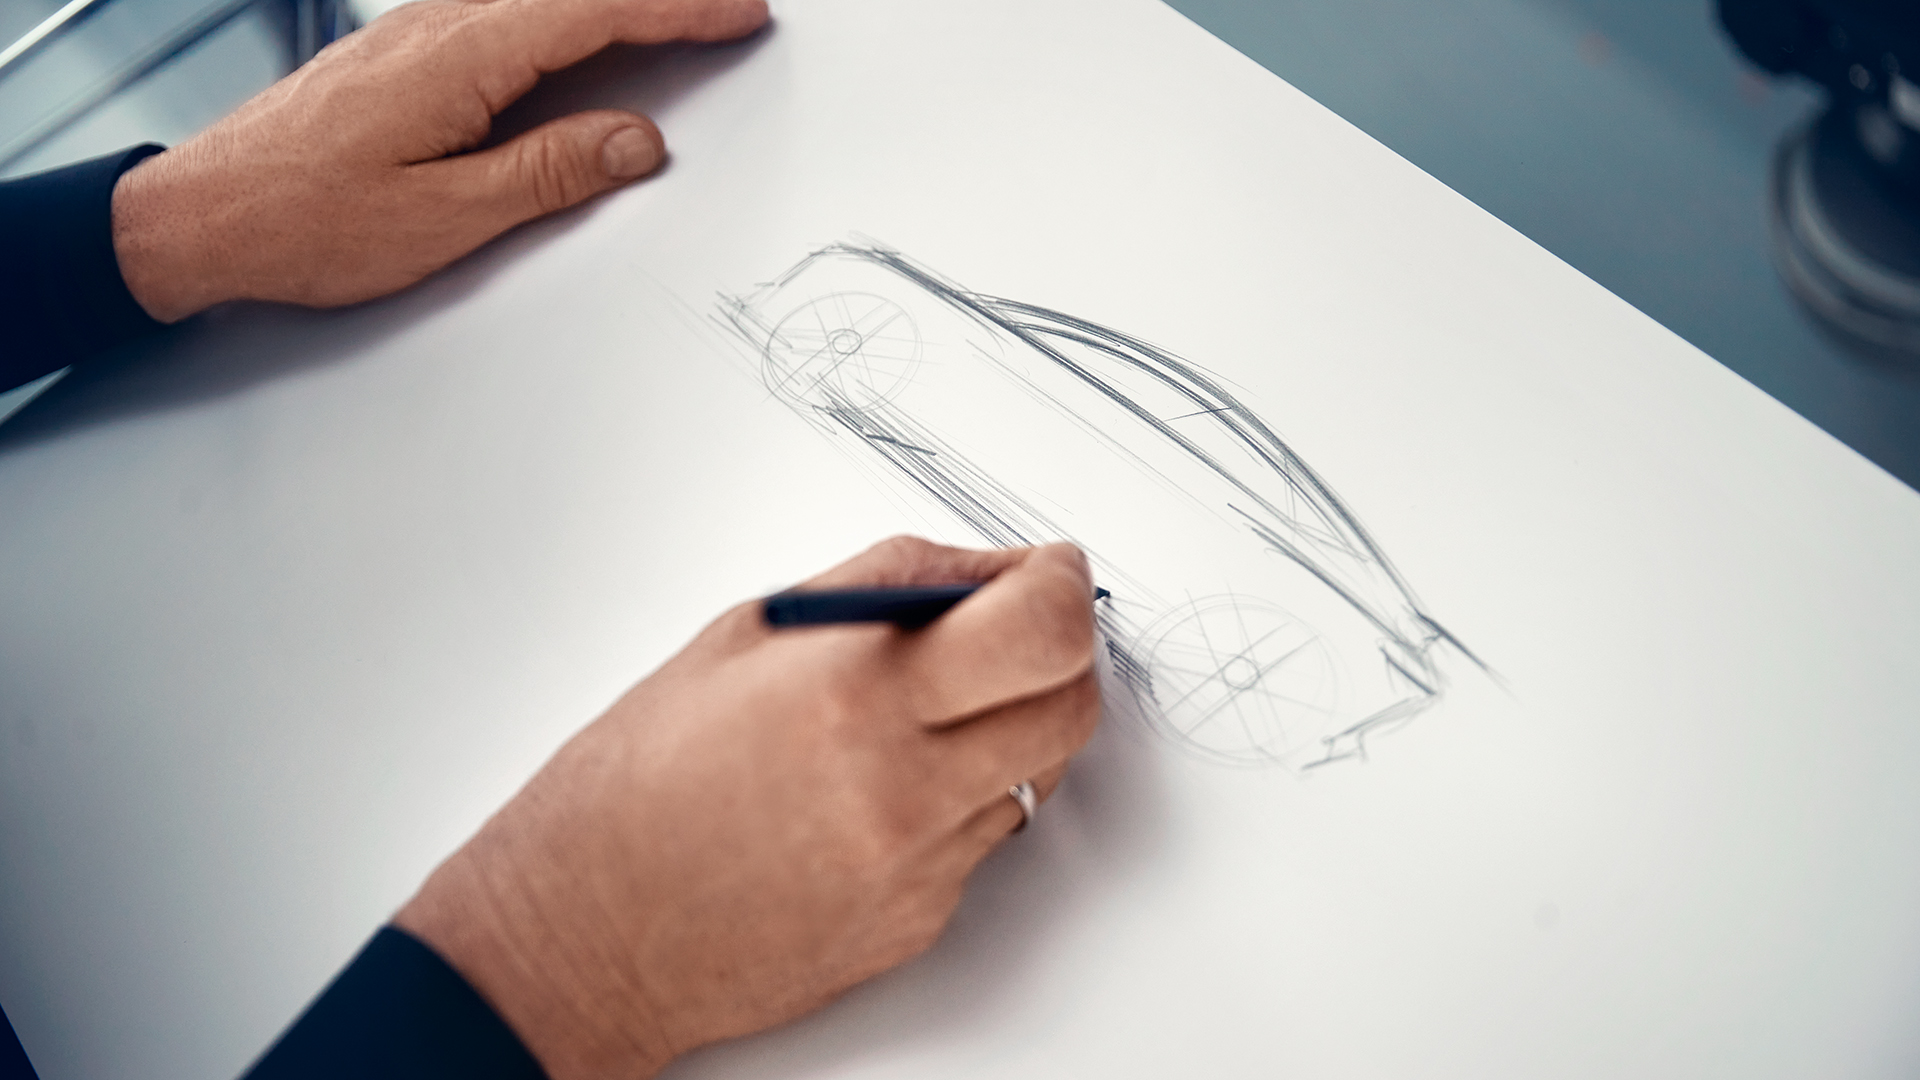 Oblikovalec skicira konceptno vozilo.